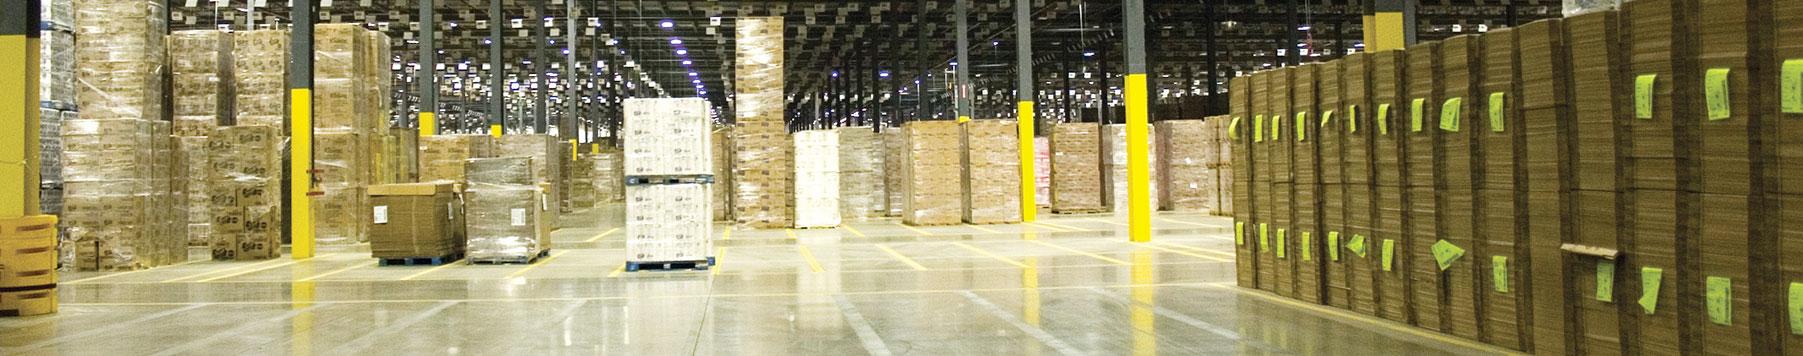 3PL Warehouse Services